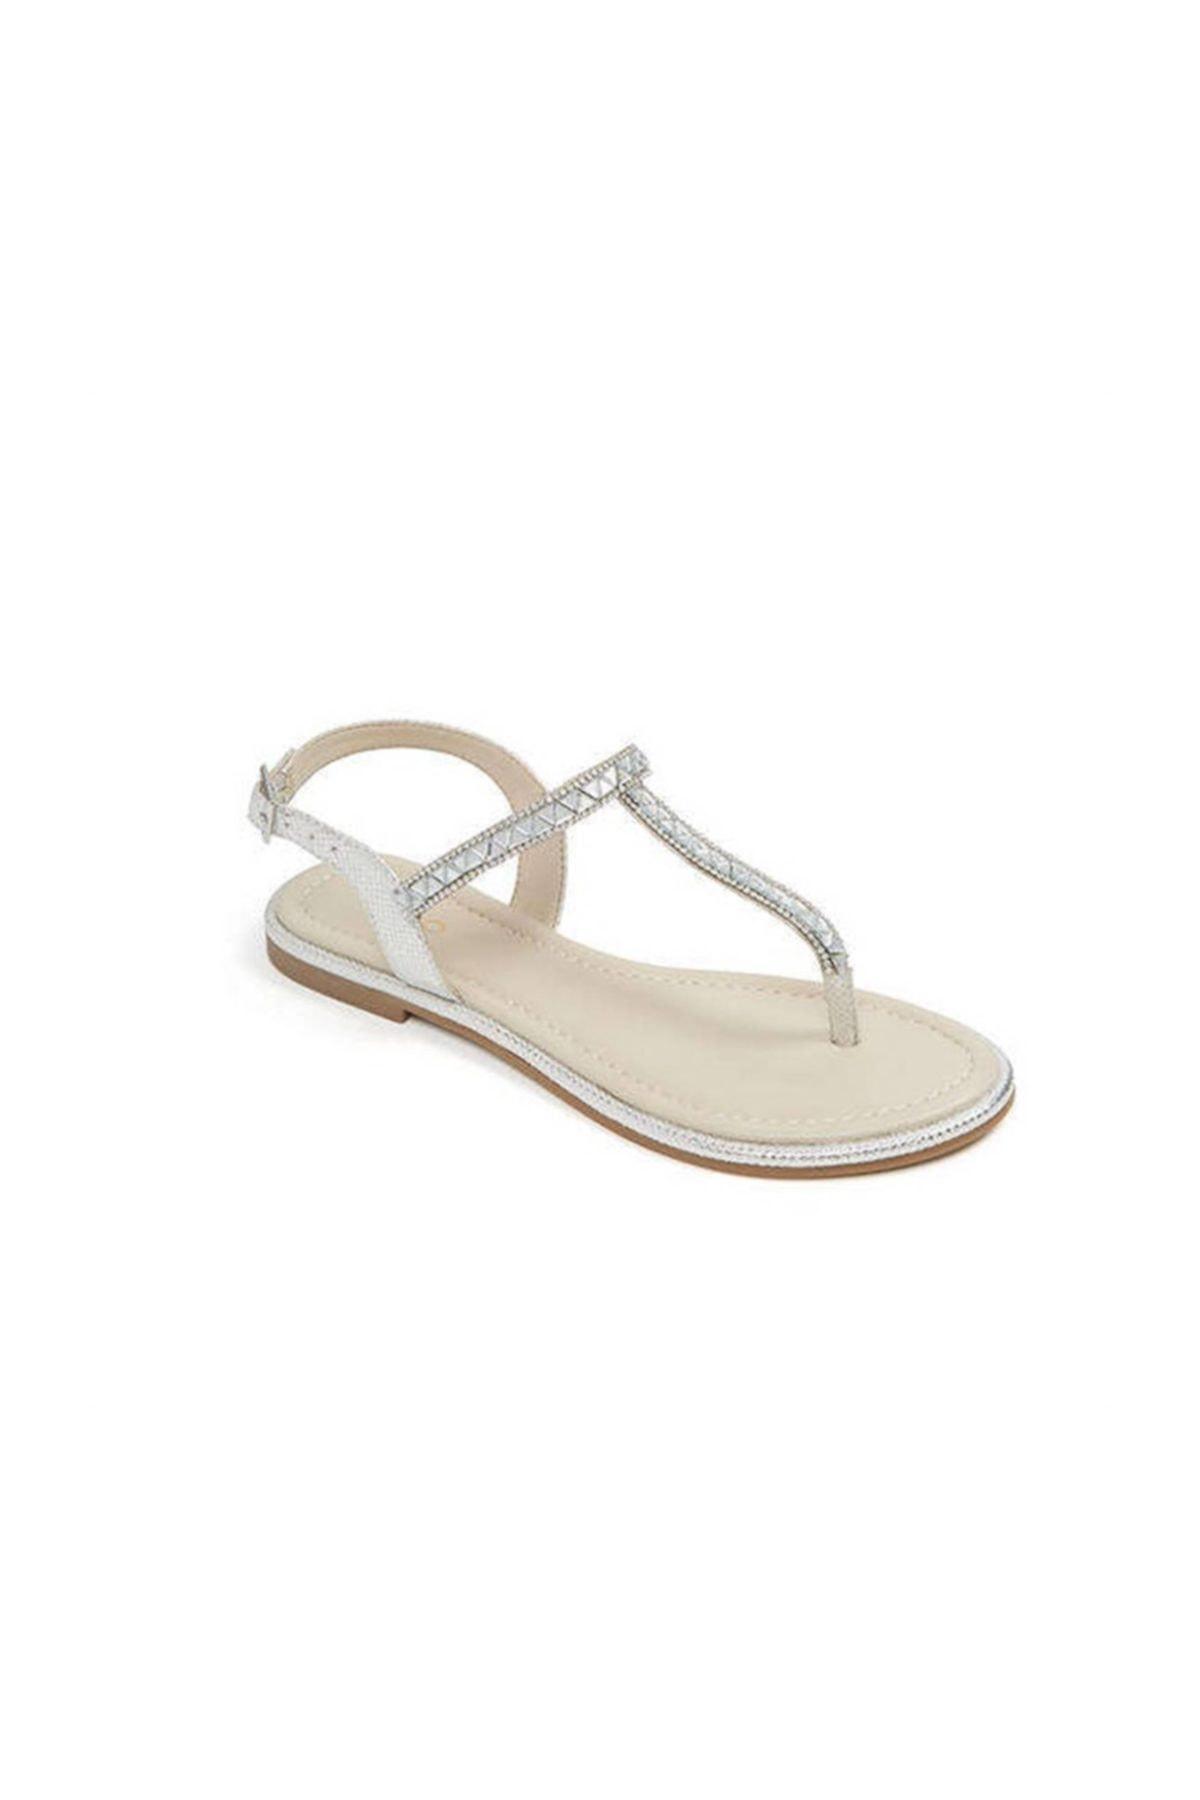 Aldo Kadın Gümüş Sandalet 58636 1